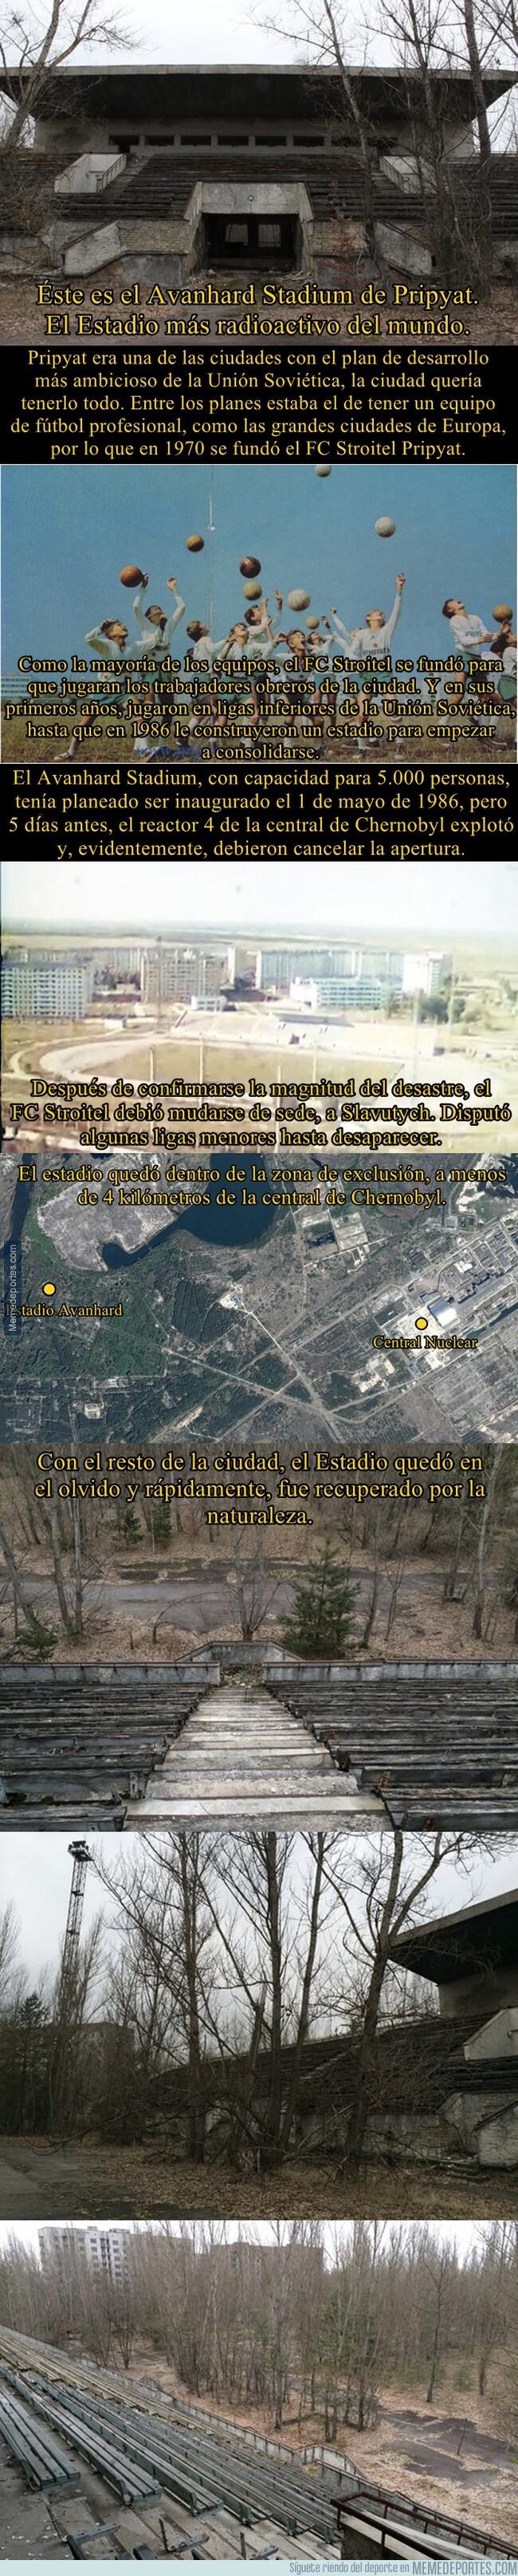 1077499 - El único estadio dentro de la zona más radioactiva del mundo